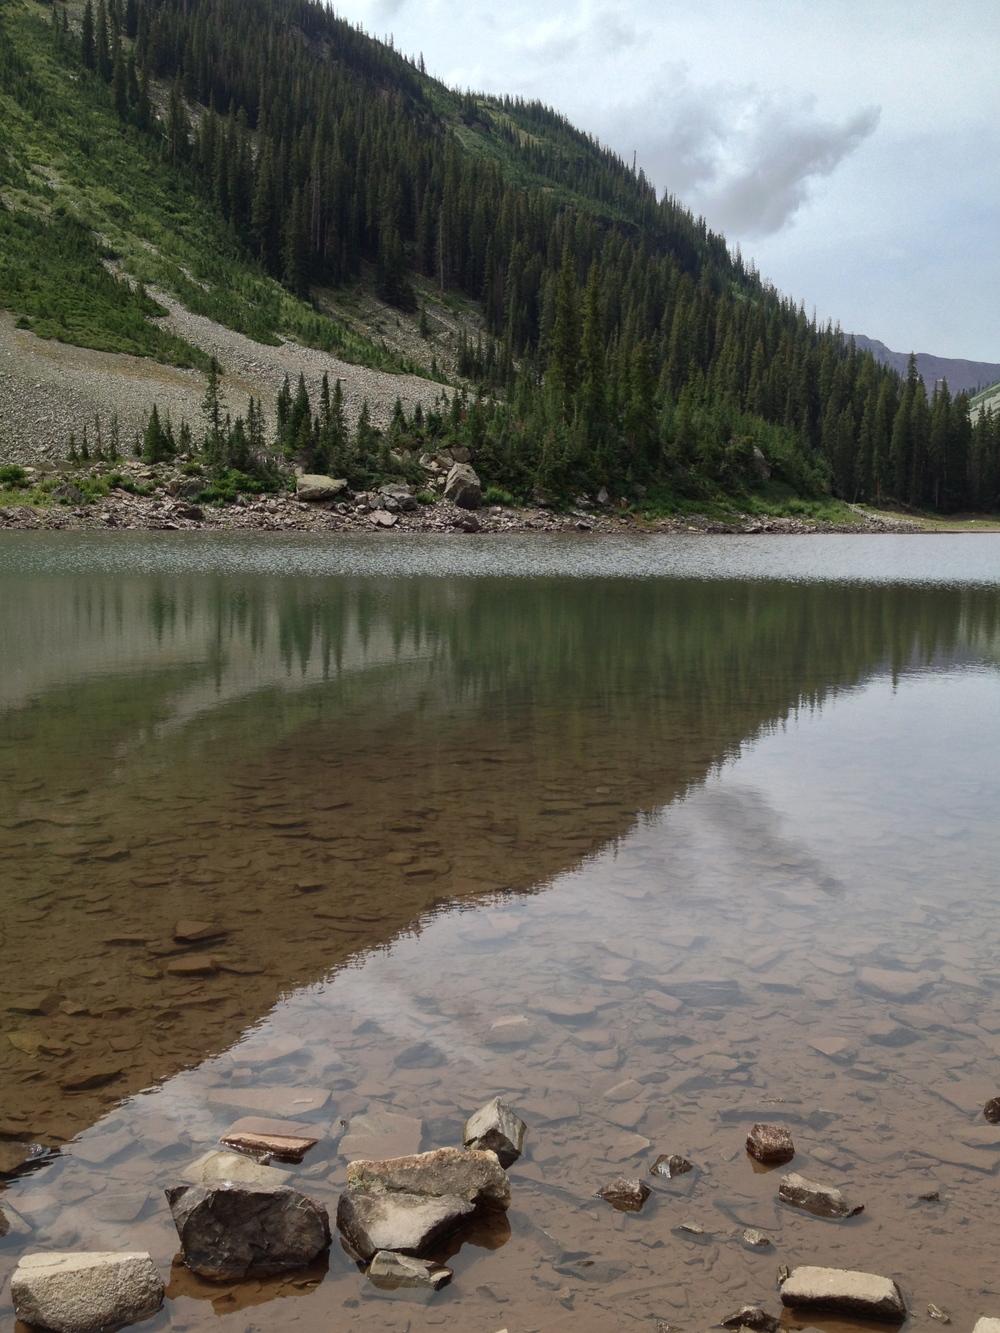 山上清澈的湖水